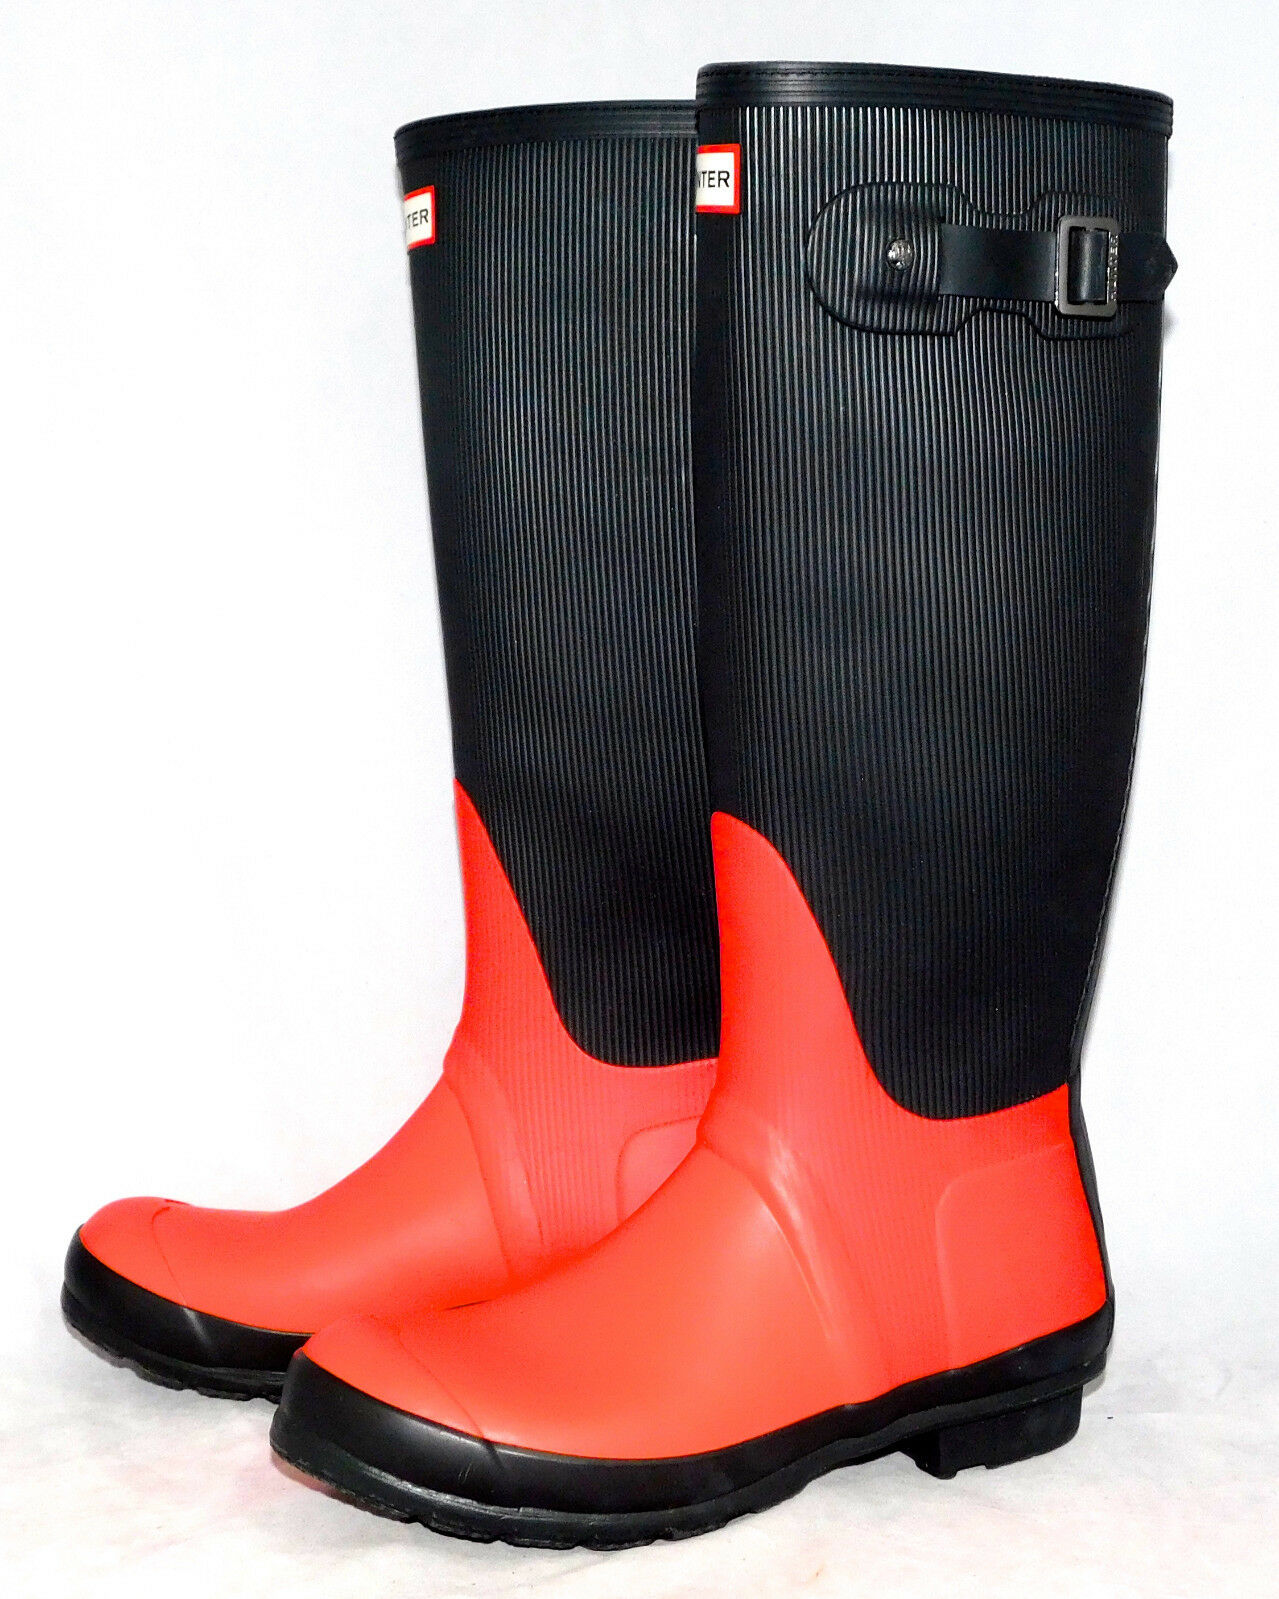 HUNTER Womens Original Tall Ribbed Ribbed Ribbed Leg Boot Coral & Black Size 7 Eu 38 762309